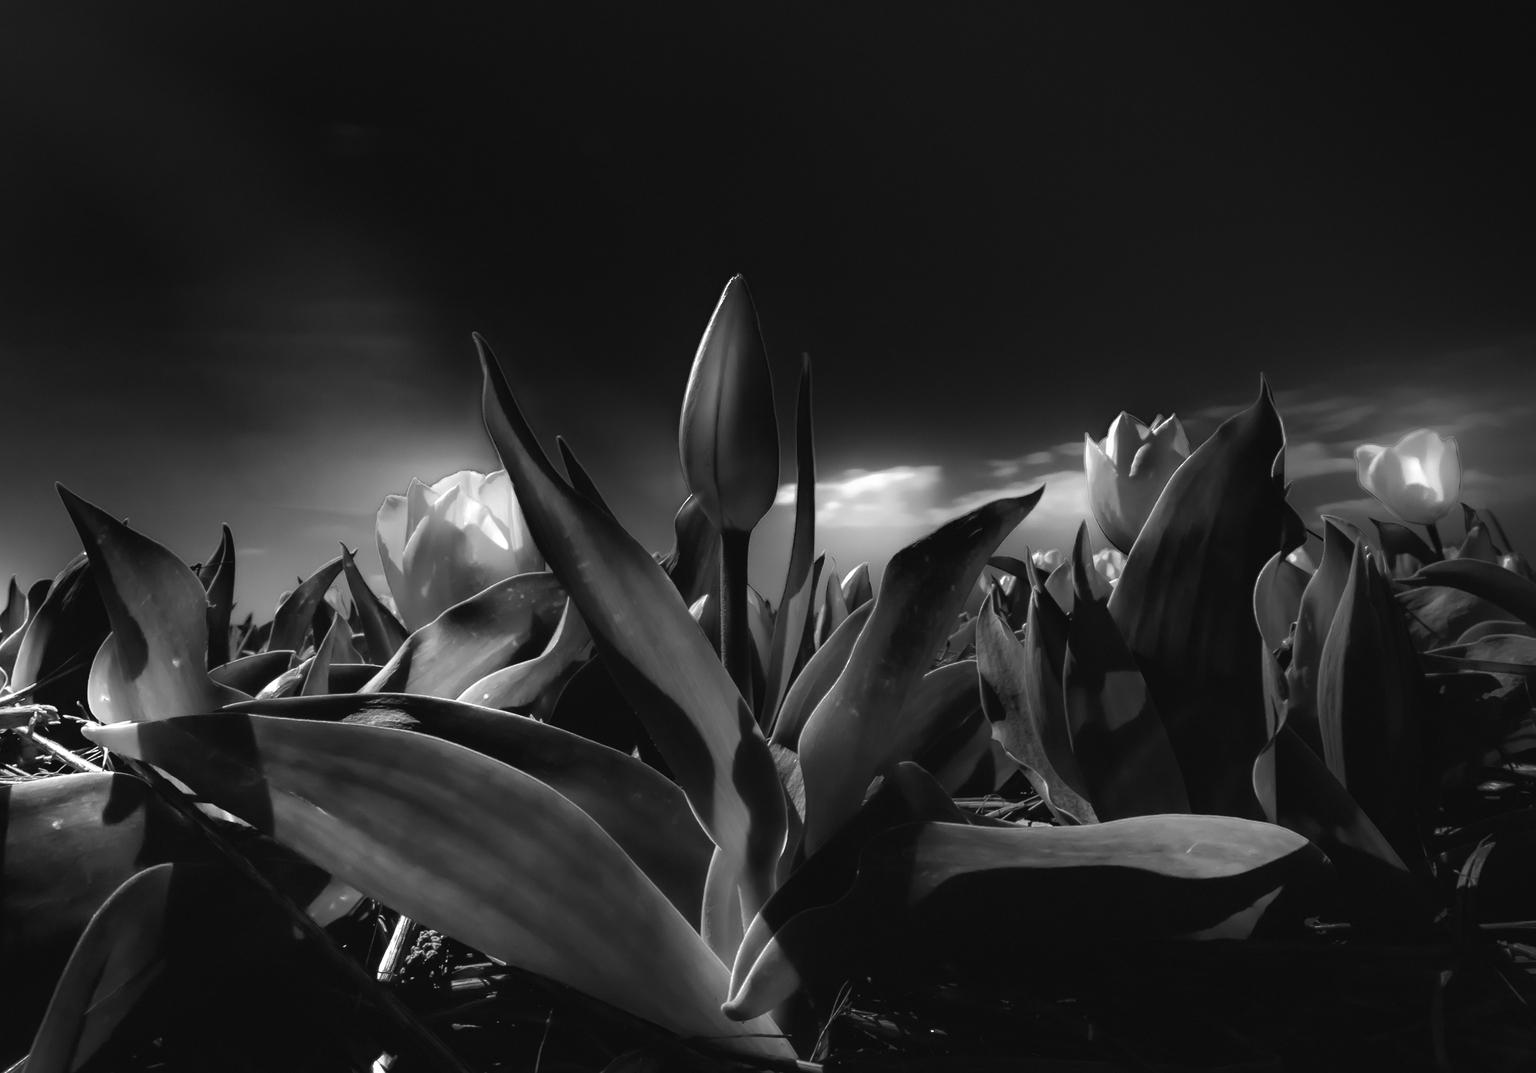 Black Tulip - Foto gemaakt met lange sluitertijd en laag standpunt waardoor de foto een filmische look krijgt! - foto door Ed600 op 15-04-2021 - locatie: Nassaustraat 31, 2161 RJ Lisse, Nederland - deze foto bevat: fabriek, bloemblaadje, flitsfotografie, terrestrische plant, bloem, zwart en wit, natuurlijk landschap, gras, landschap, bloeiende plant